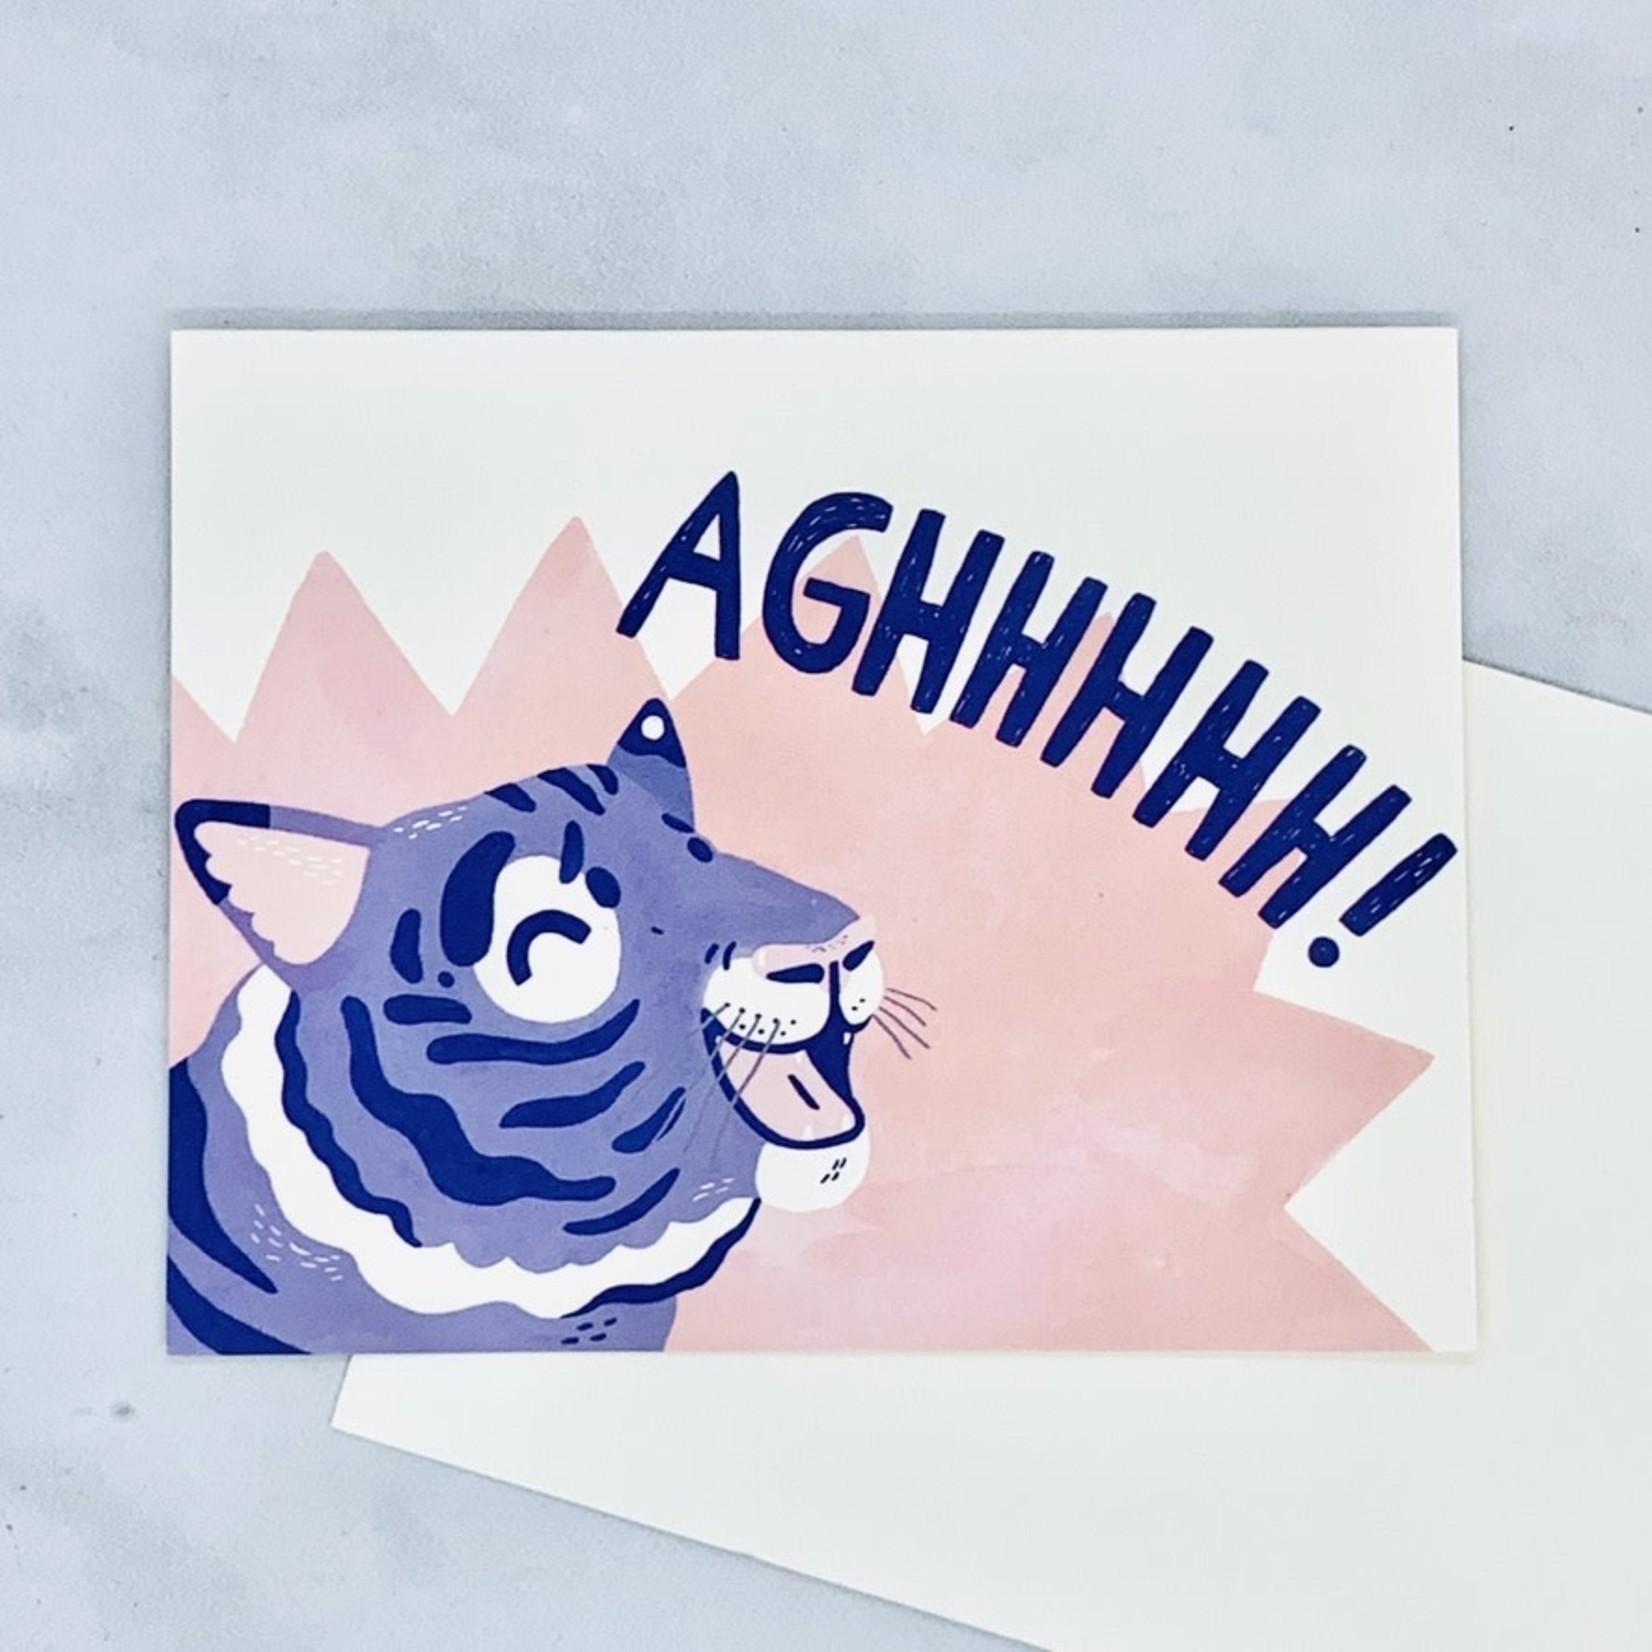 LM Card - Aghhhh (LV)